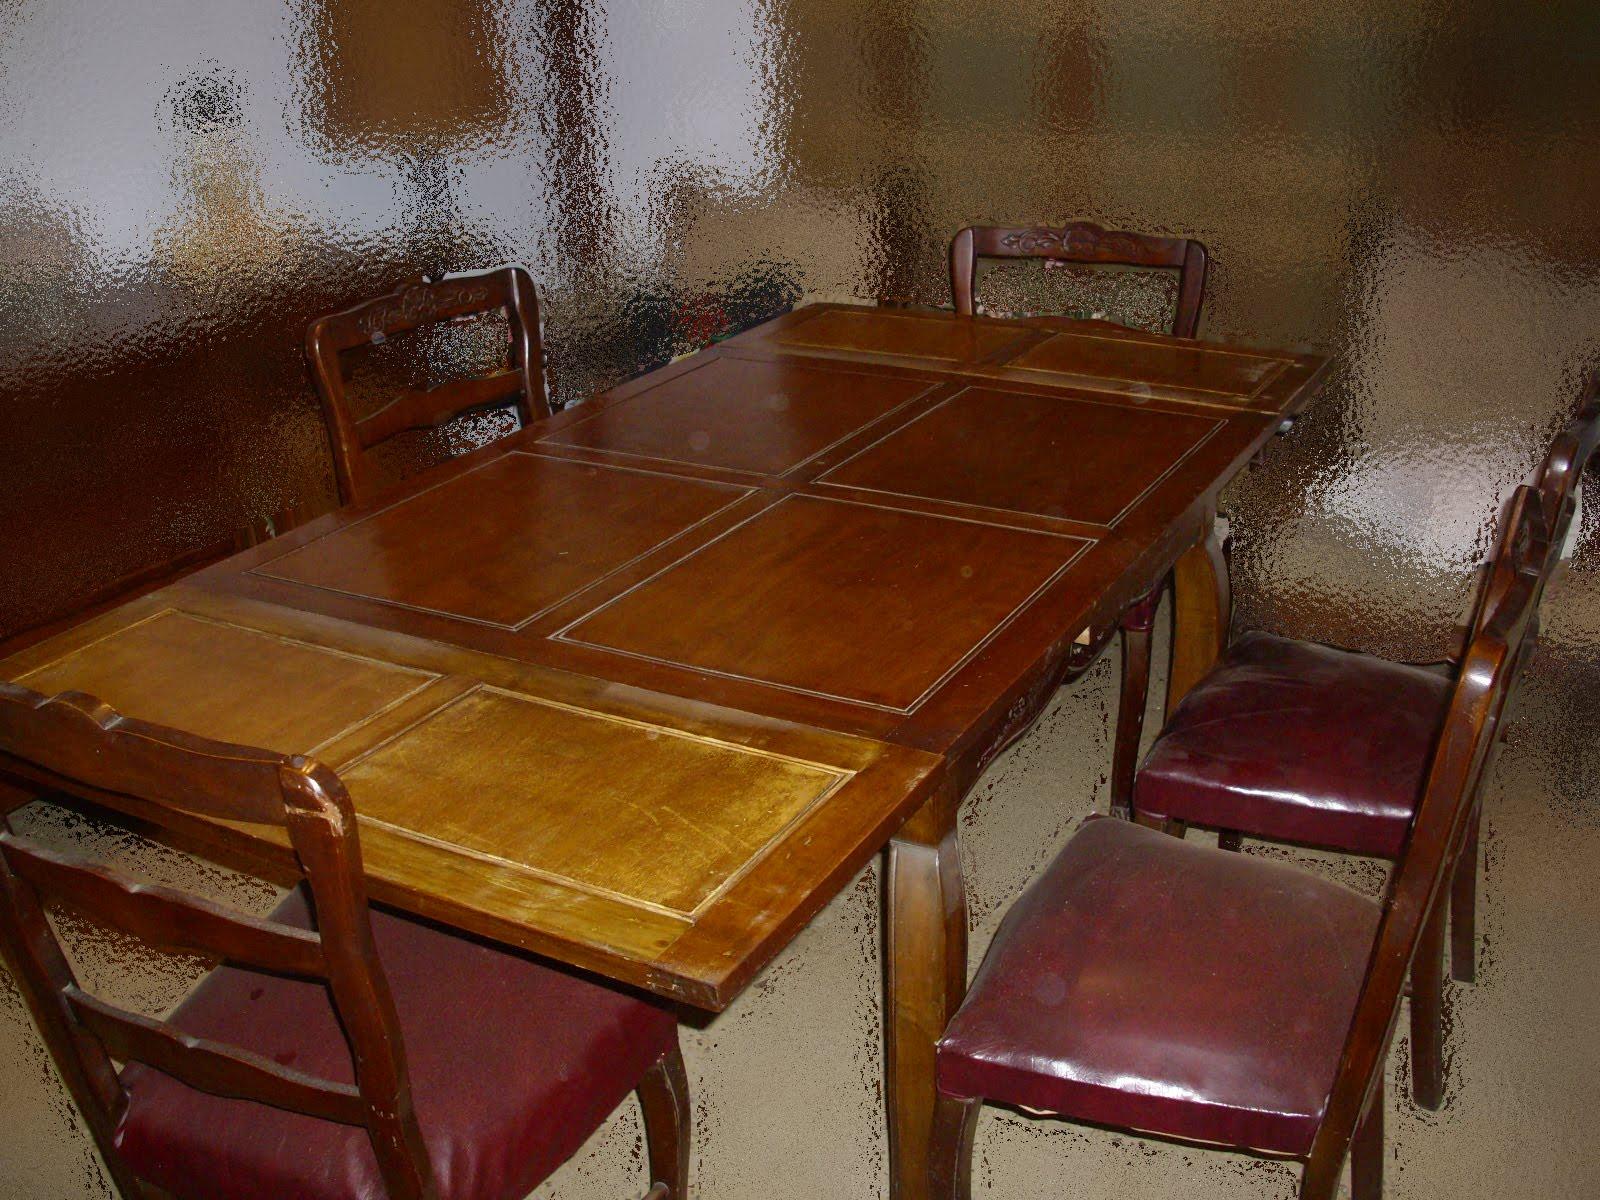 Muebles usados juego de mesa y sillas estilo provenzal - Sillas estilo provenzal ...